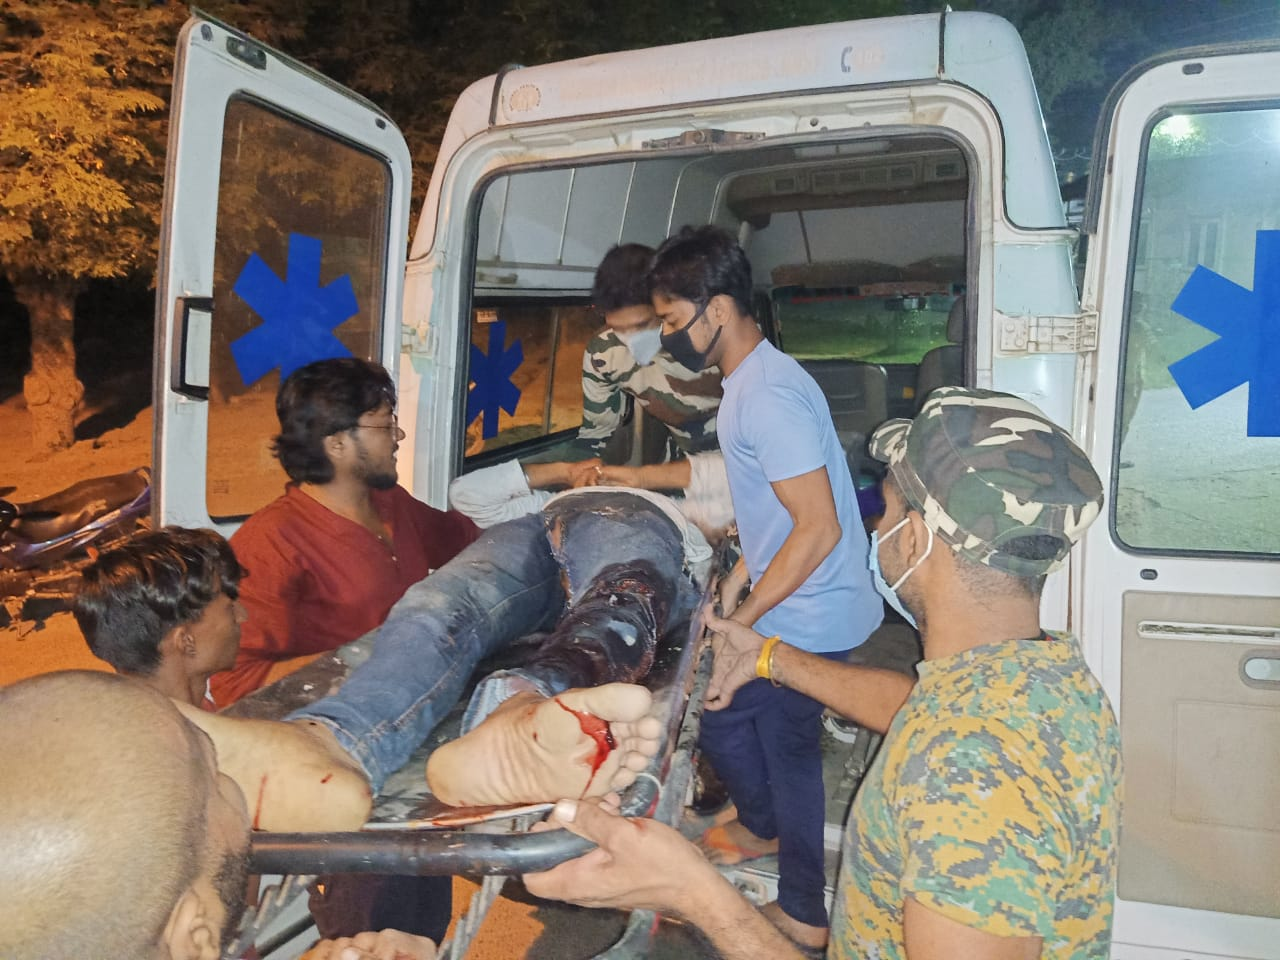 घायलों को मगध मेडिकल कॉलेज रेफर कर दिया गया।